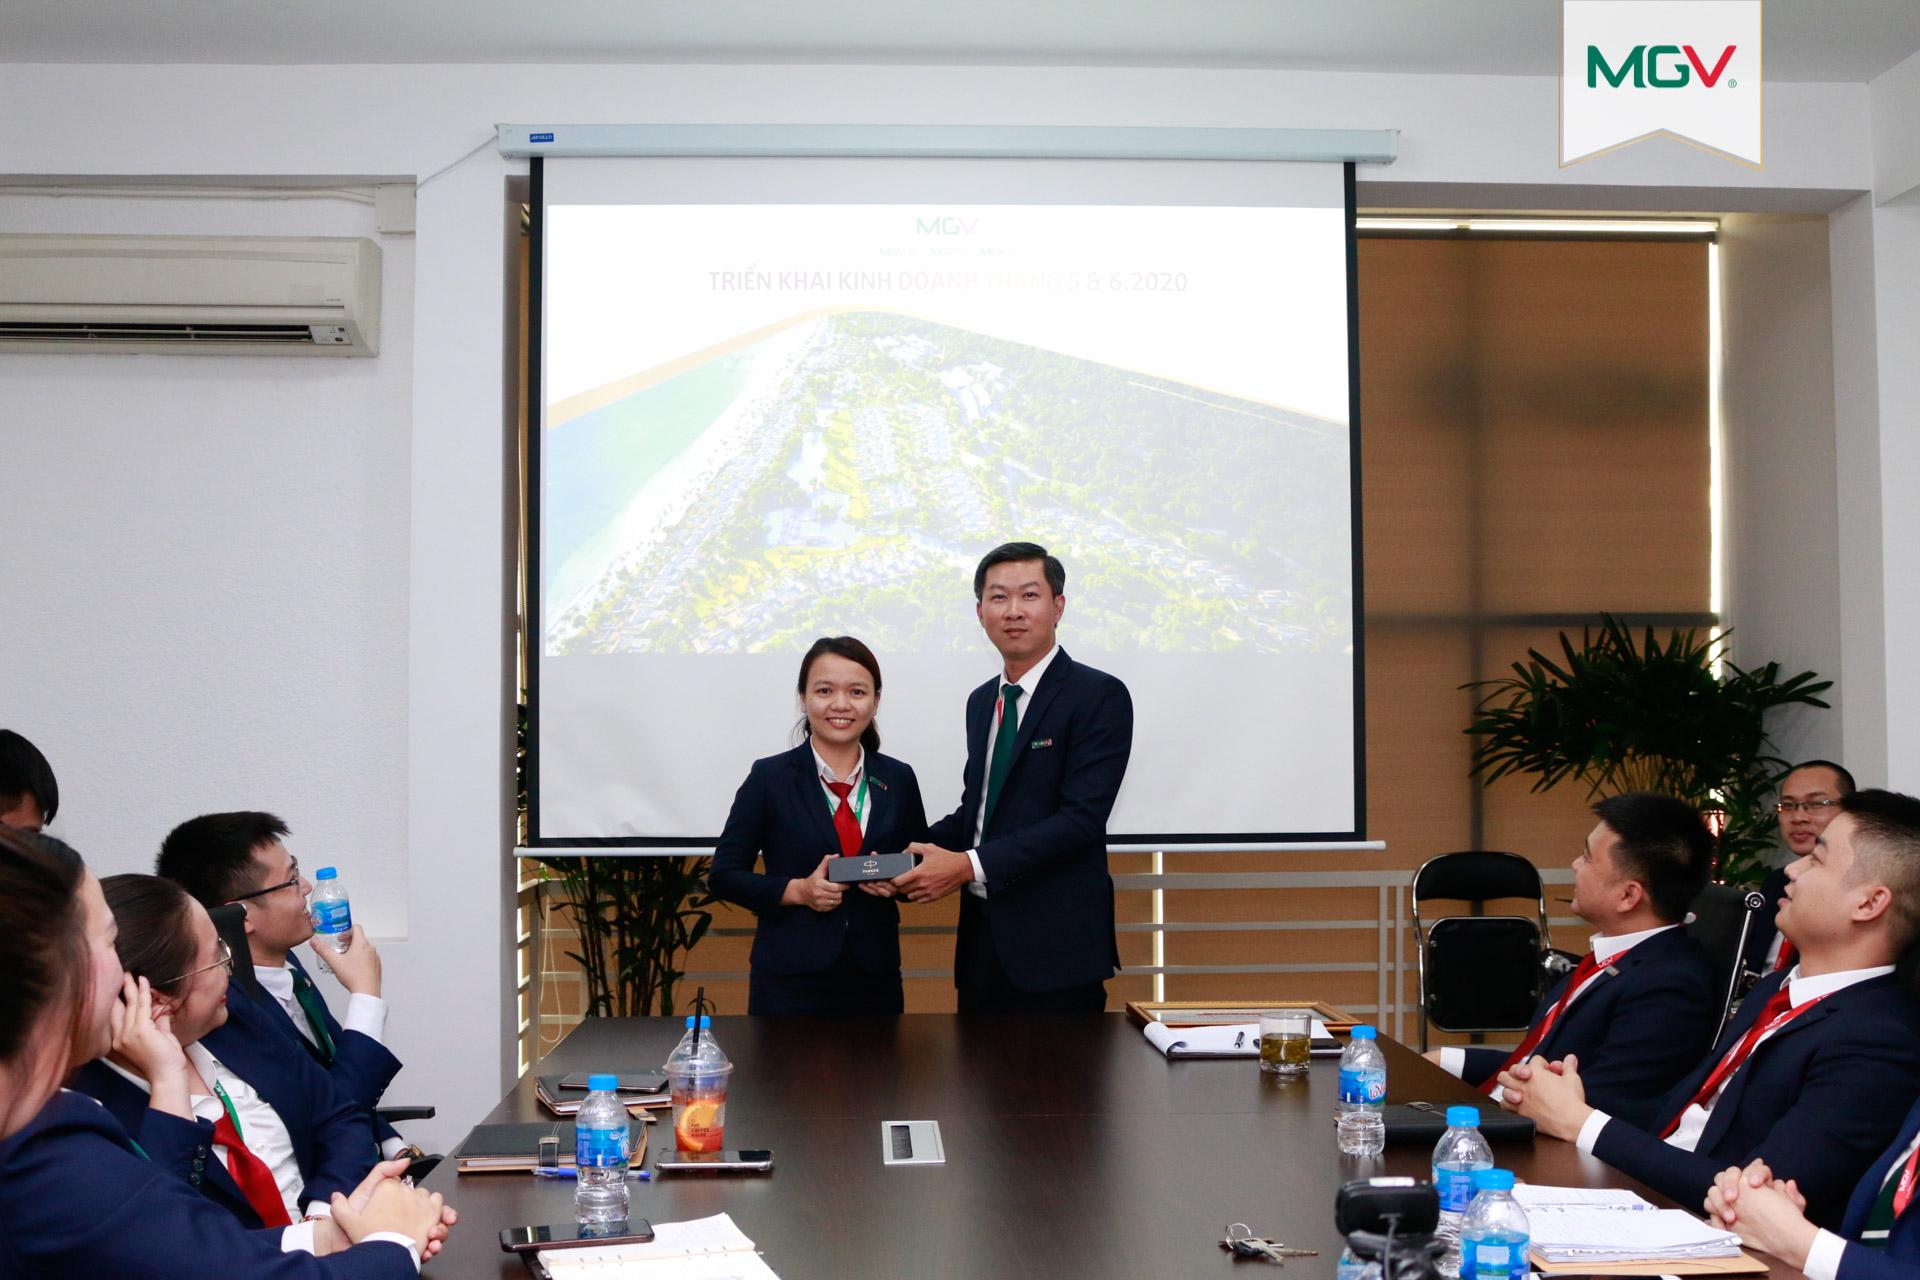 Huỳnh Thị Như Mai - Nhân viên đoạt giải đặc biệt cuộc thi 'MGV - Góc làm việc tại nhà'